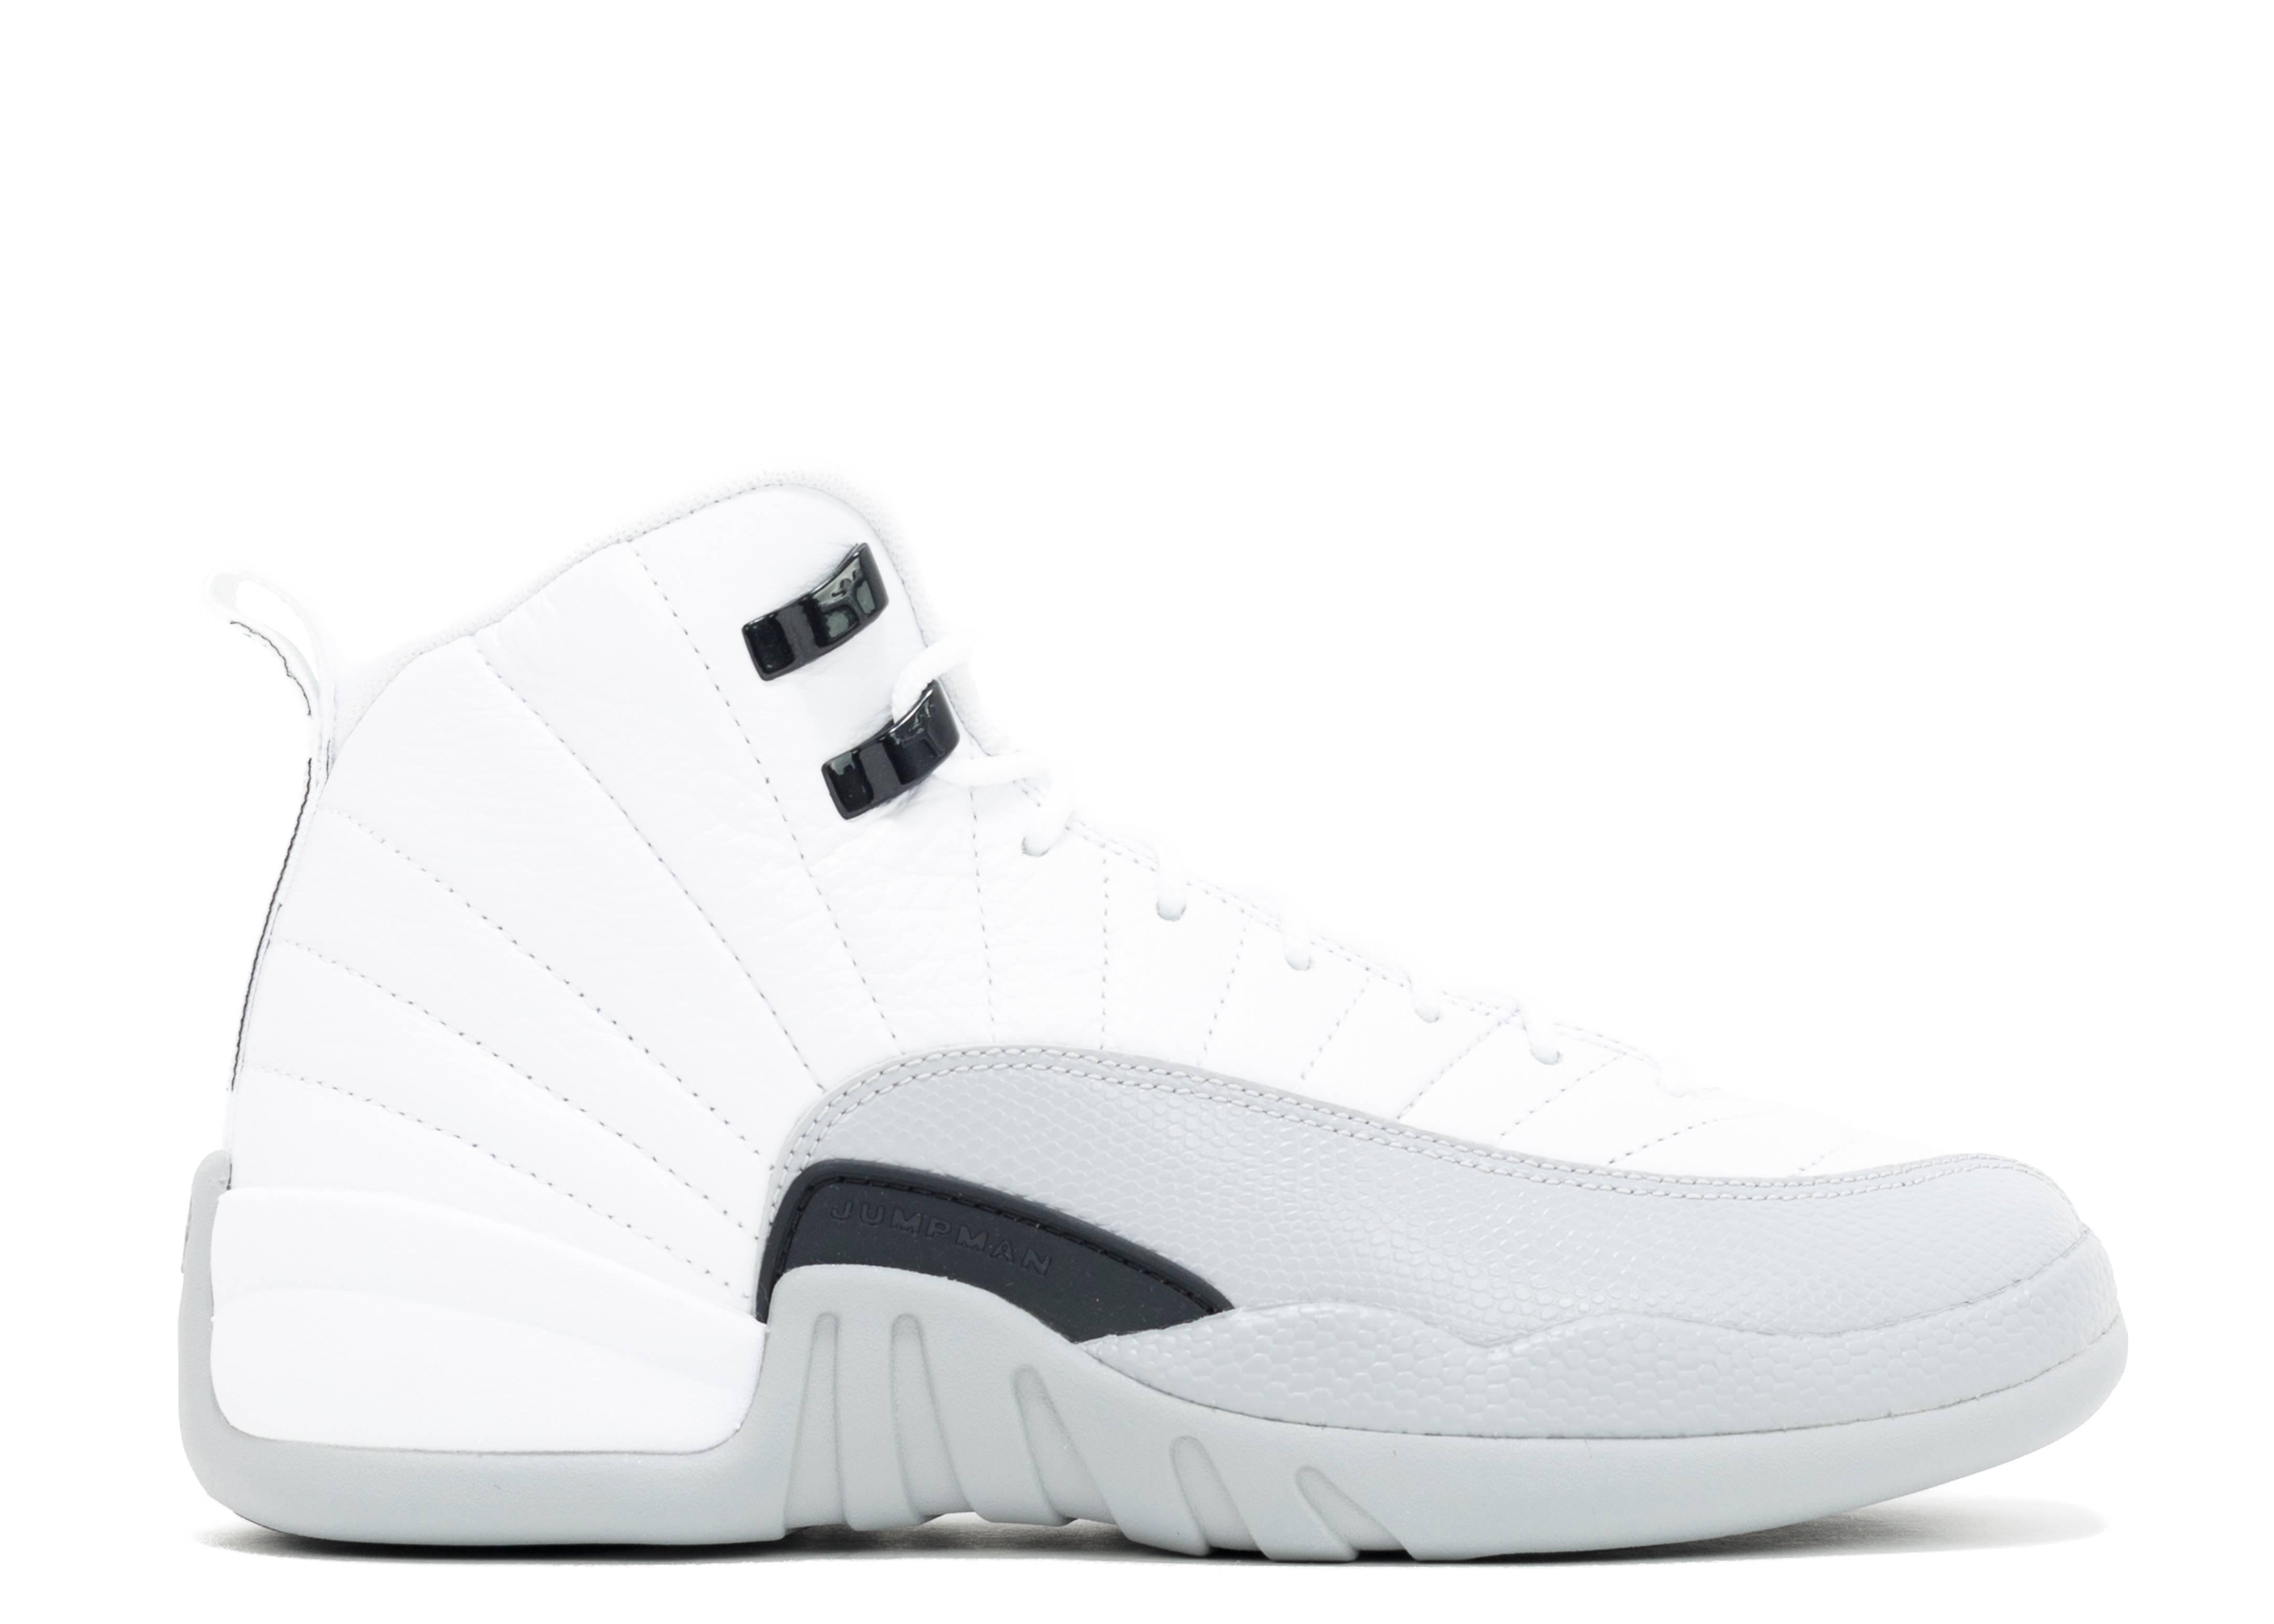 Air Jordan 12 Grey